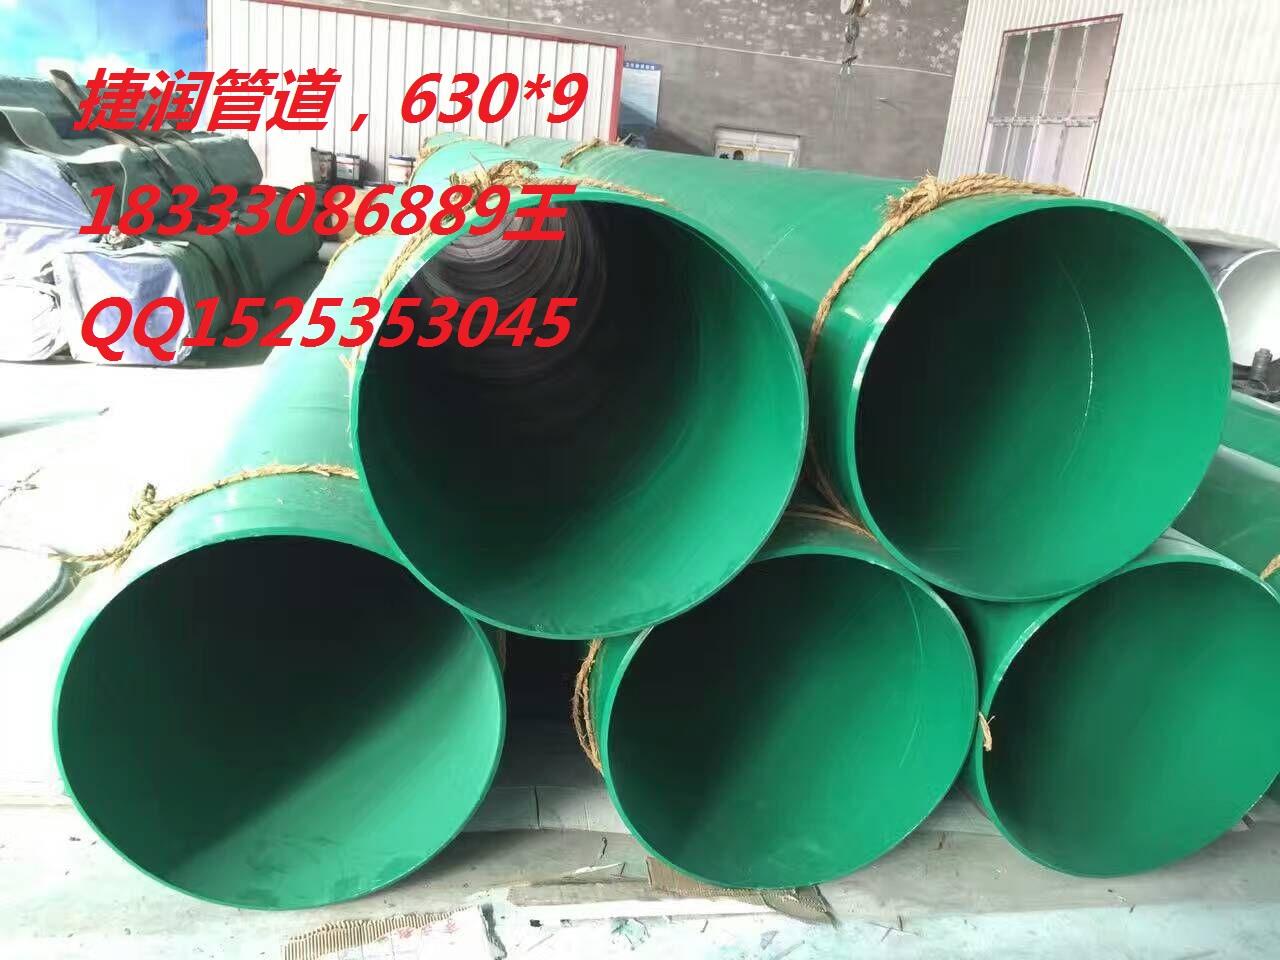 浸塑管生产厂家,涂塑管价格,热浸塑管价格